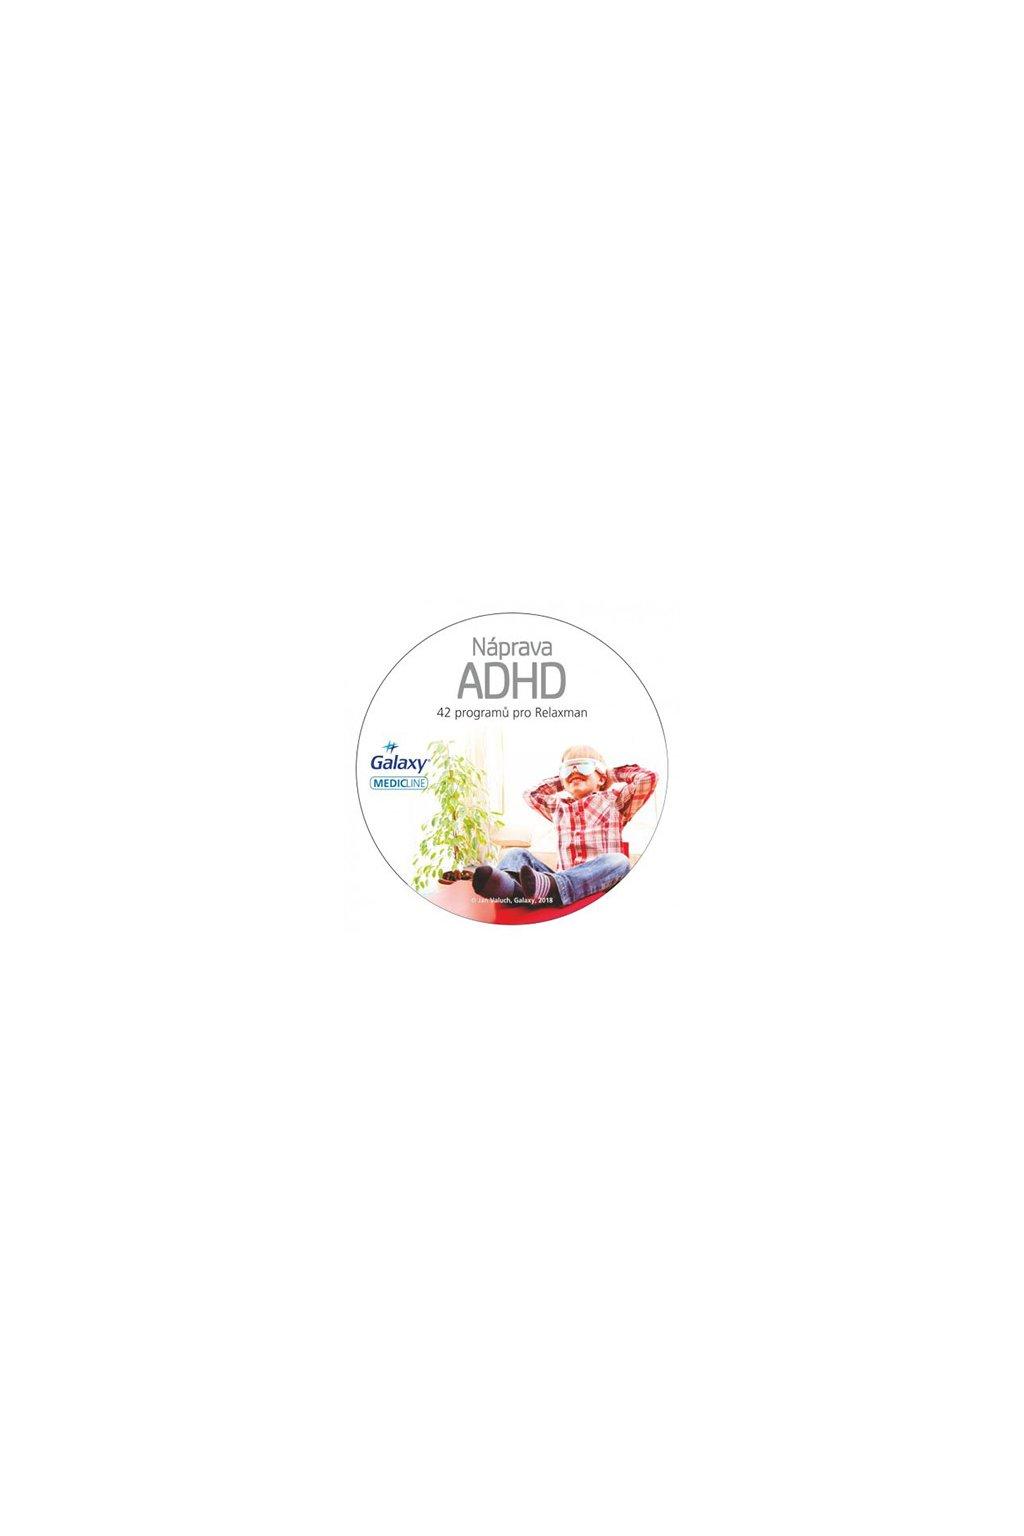 ADHD cd relaxman (1)